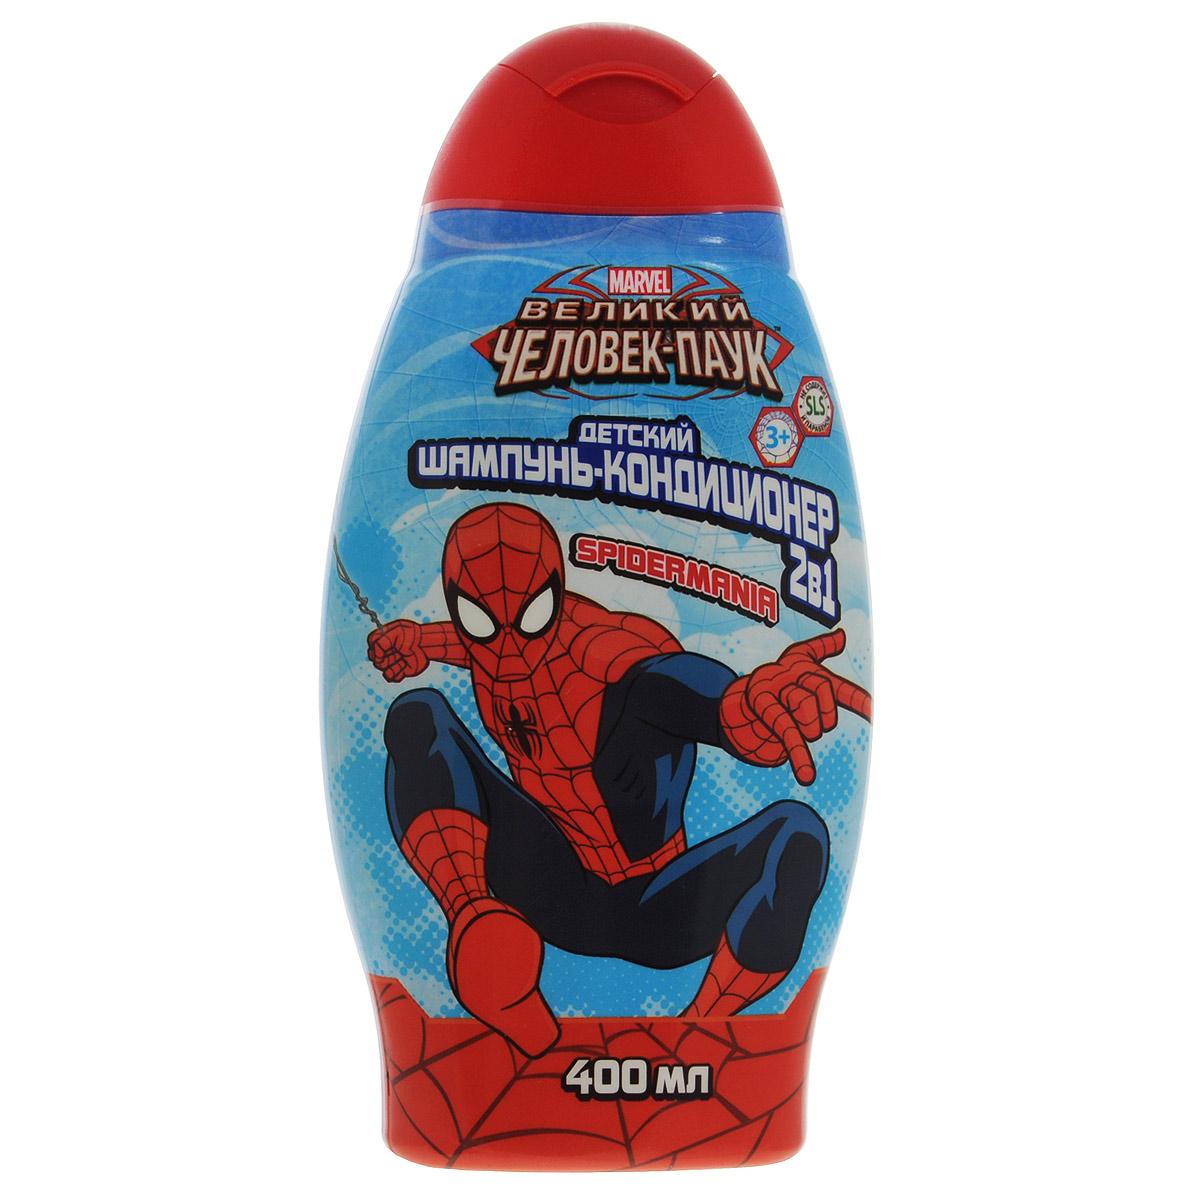 Spider-Man Шампунь с кондиционером 2в1 Spidermania, детский, 400 мл. 13281 шампунь spider man